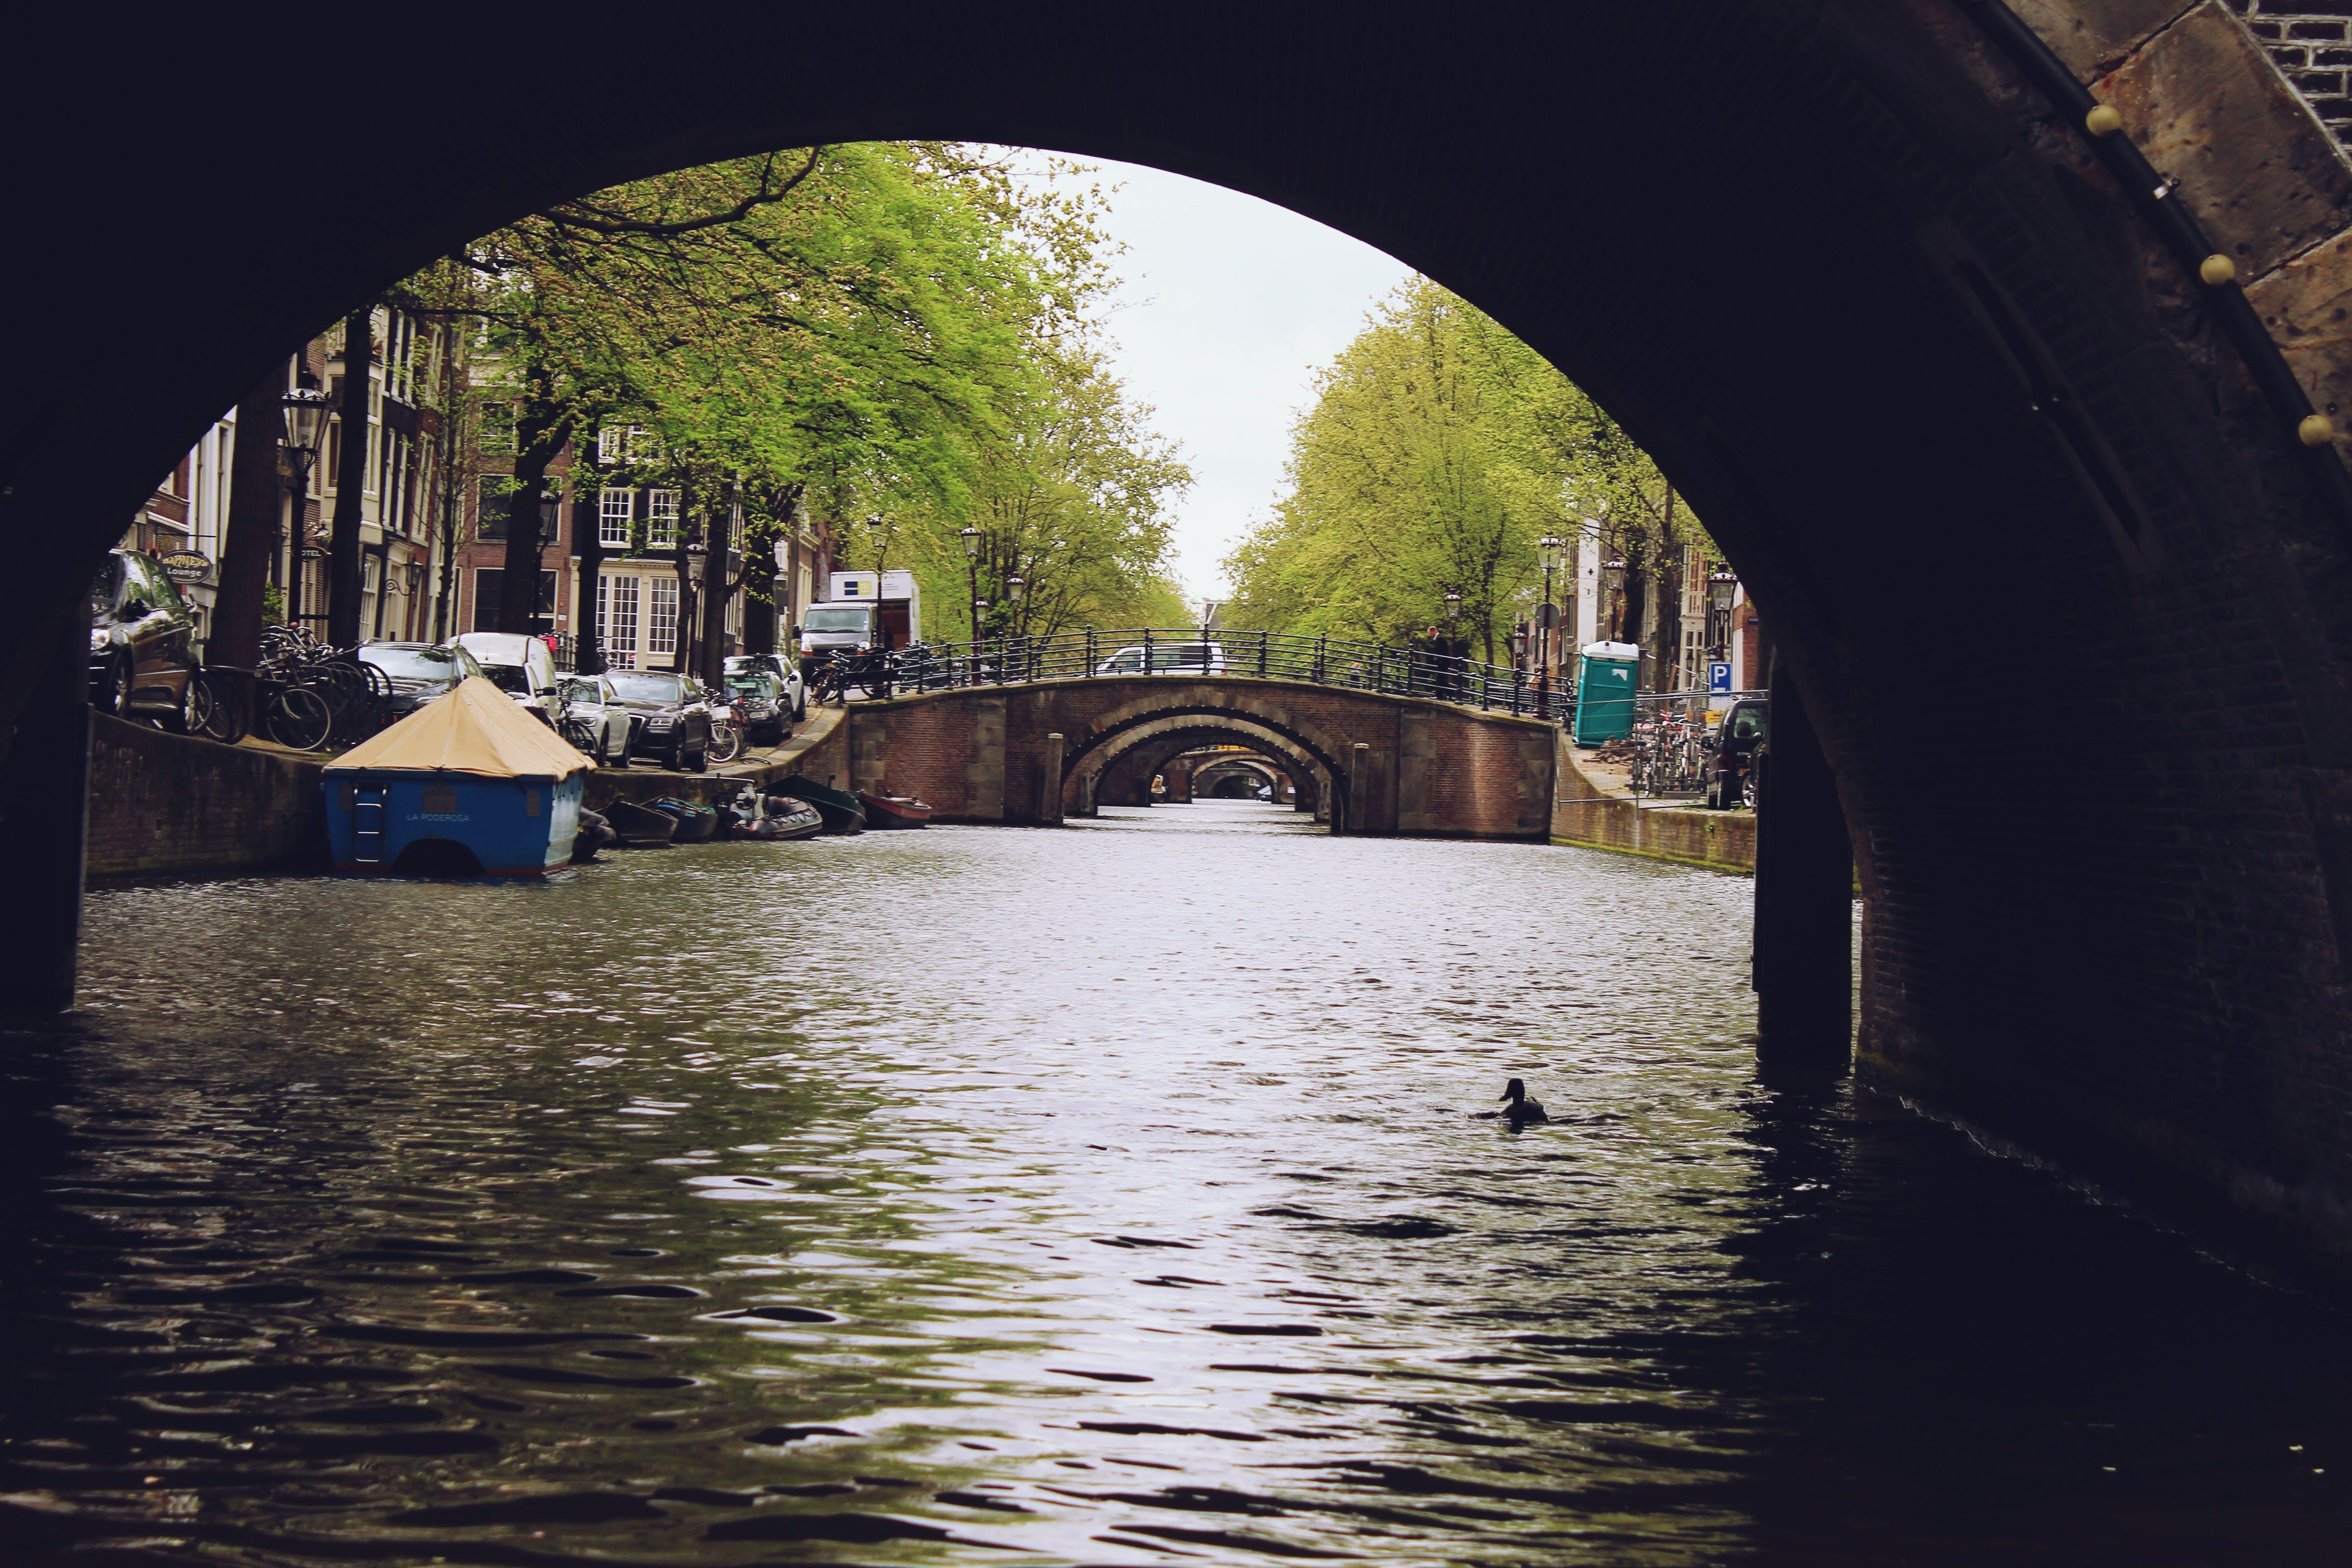 Fotos de stock gratuitas de agua, amsterdam, árbol, canal